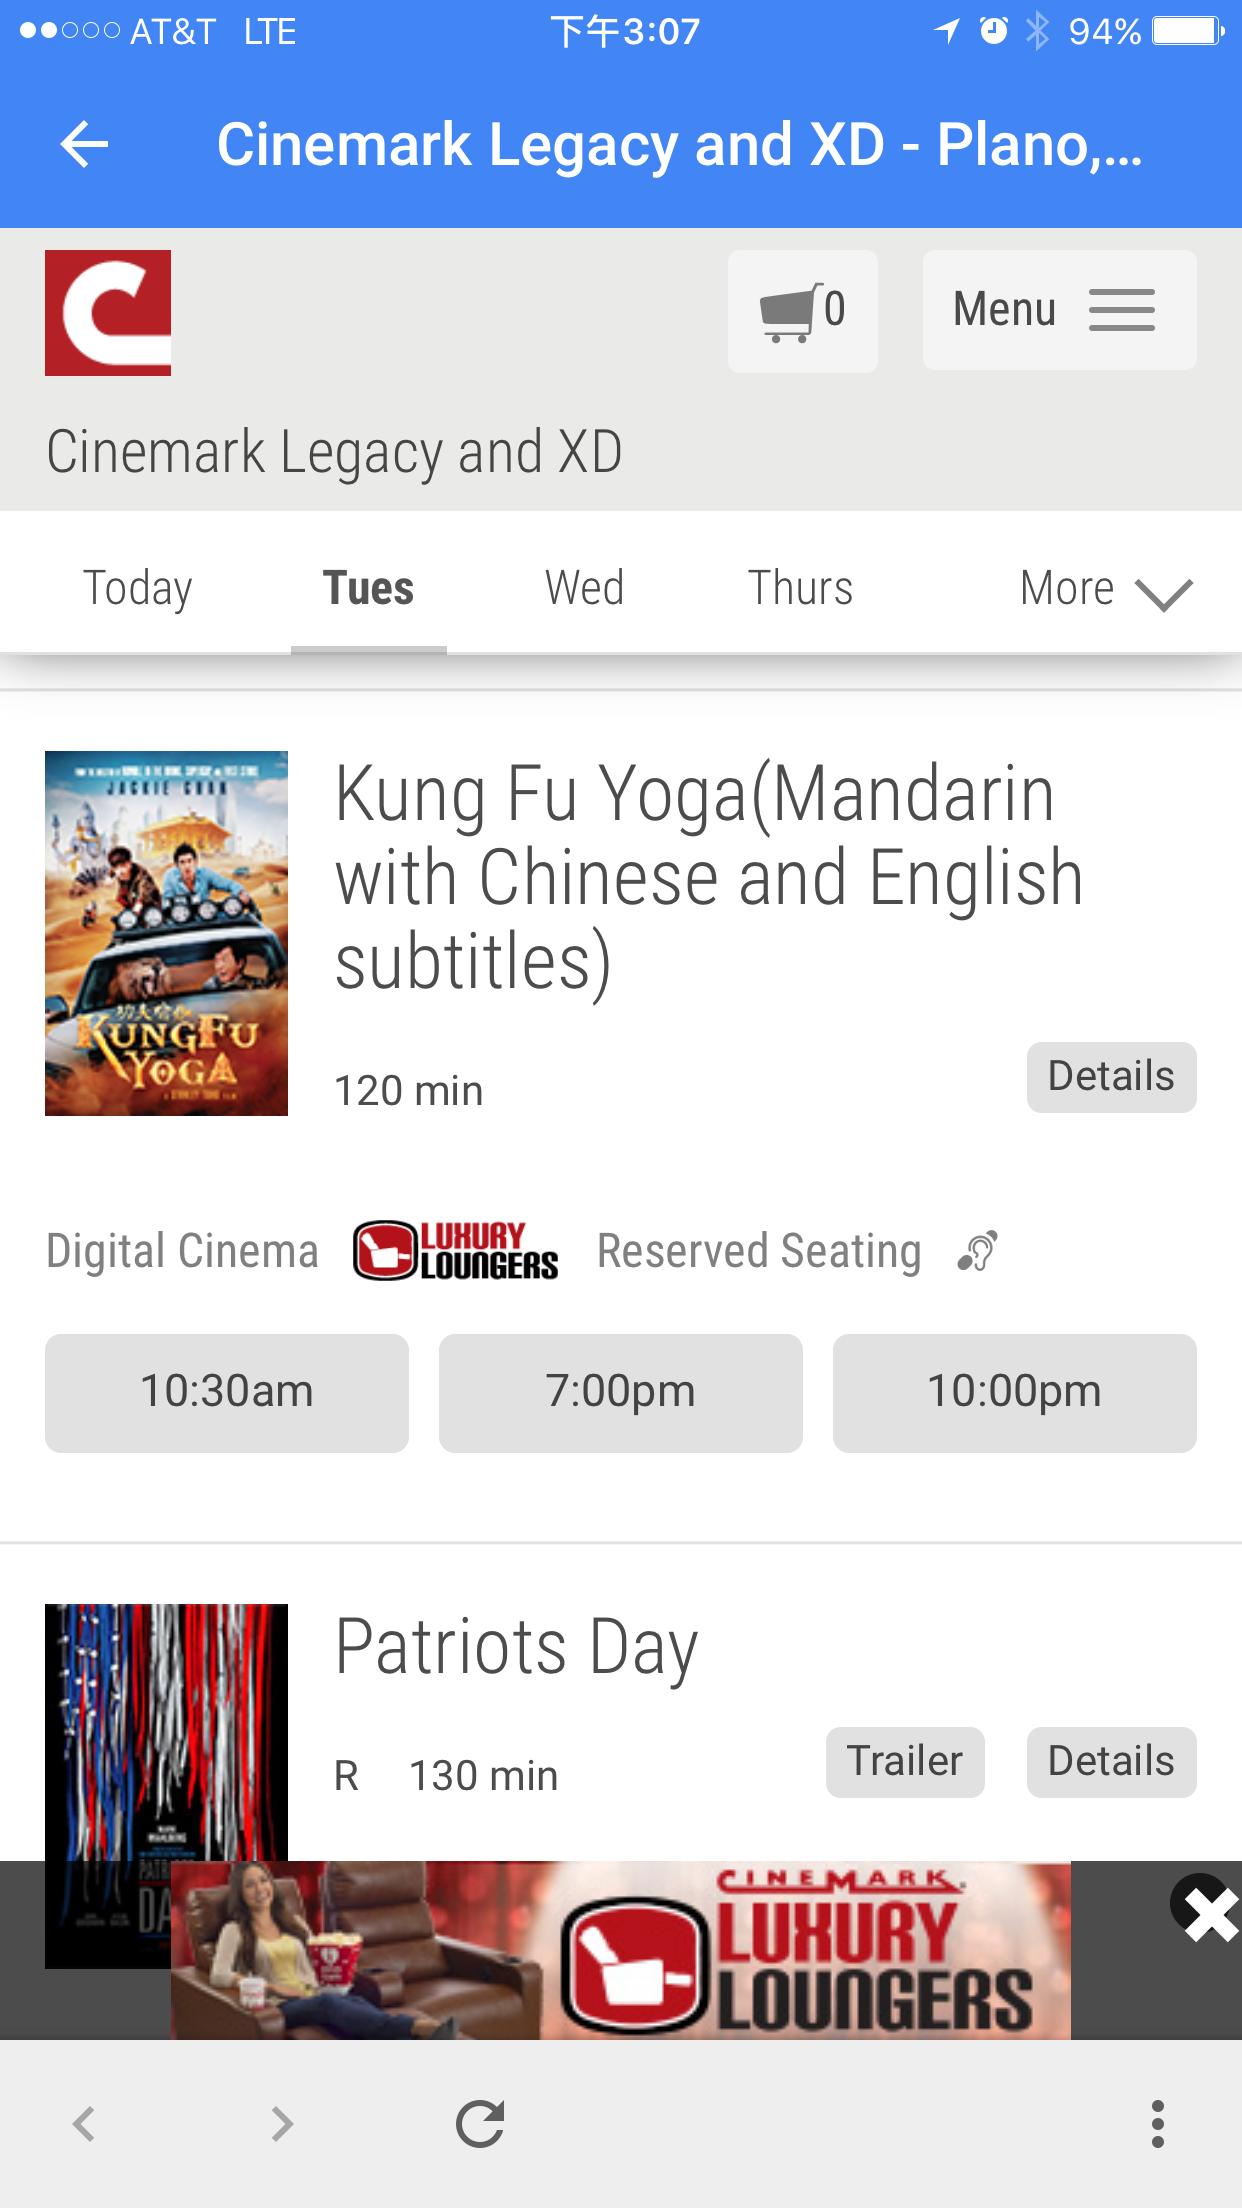 北美1月27日,电影《功夫瑜伽-Kung Fu Yoga》就是逗你笑!(截止时间2017年1月31日)